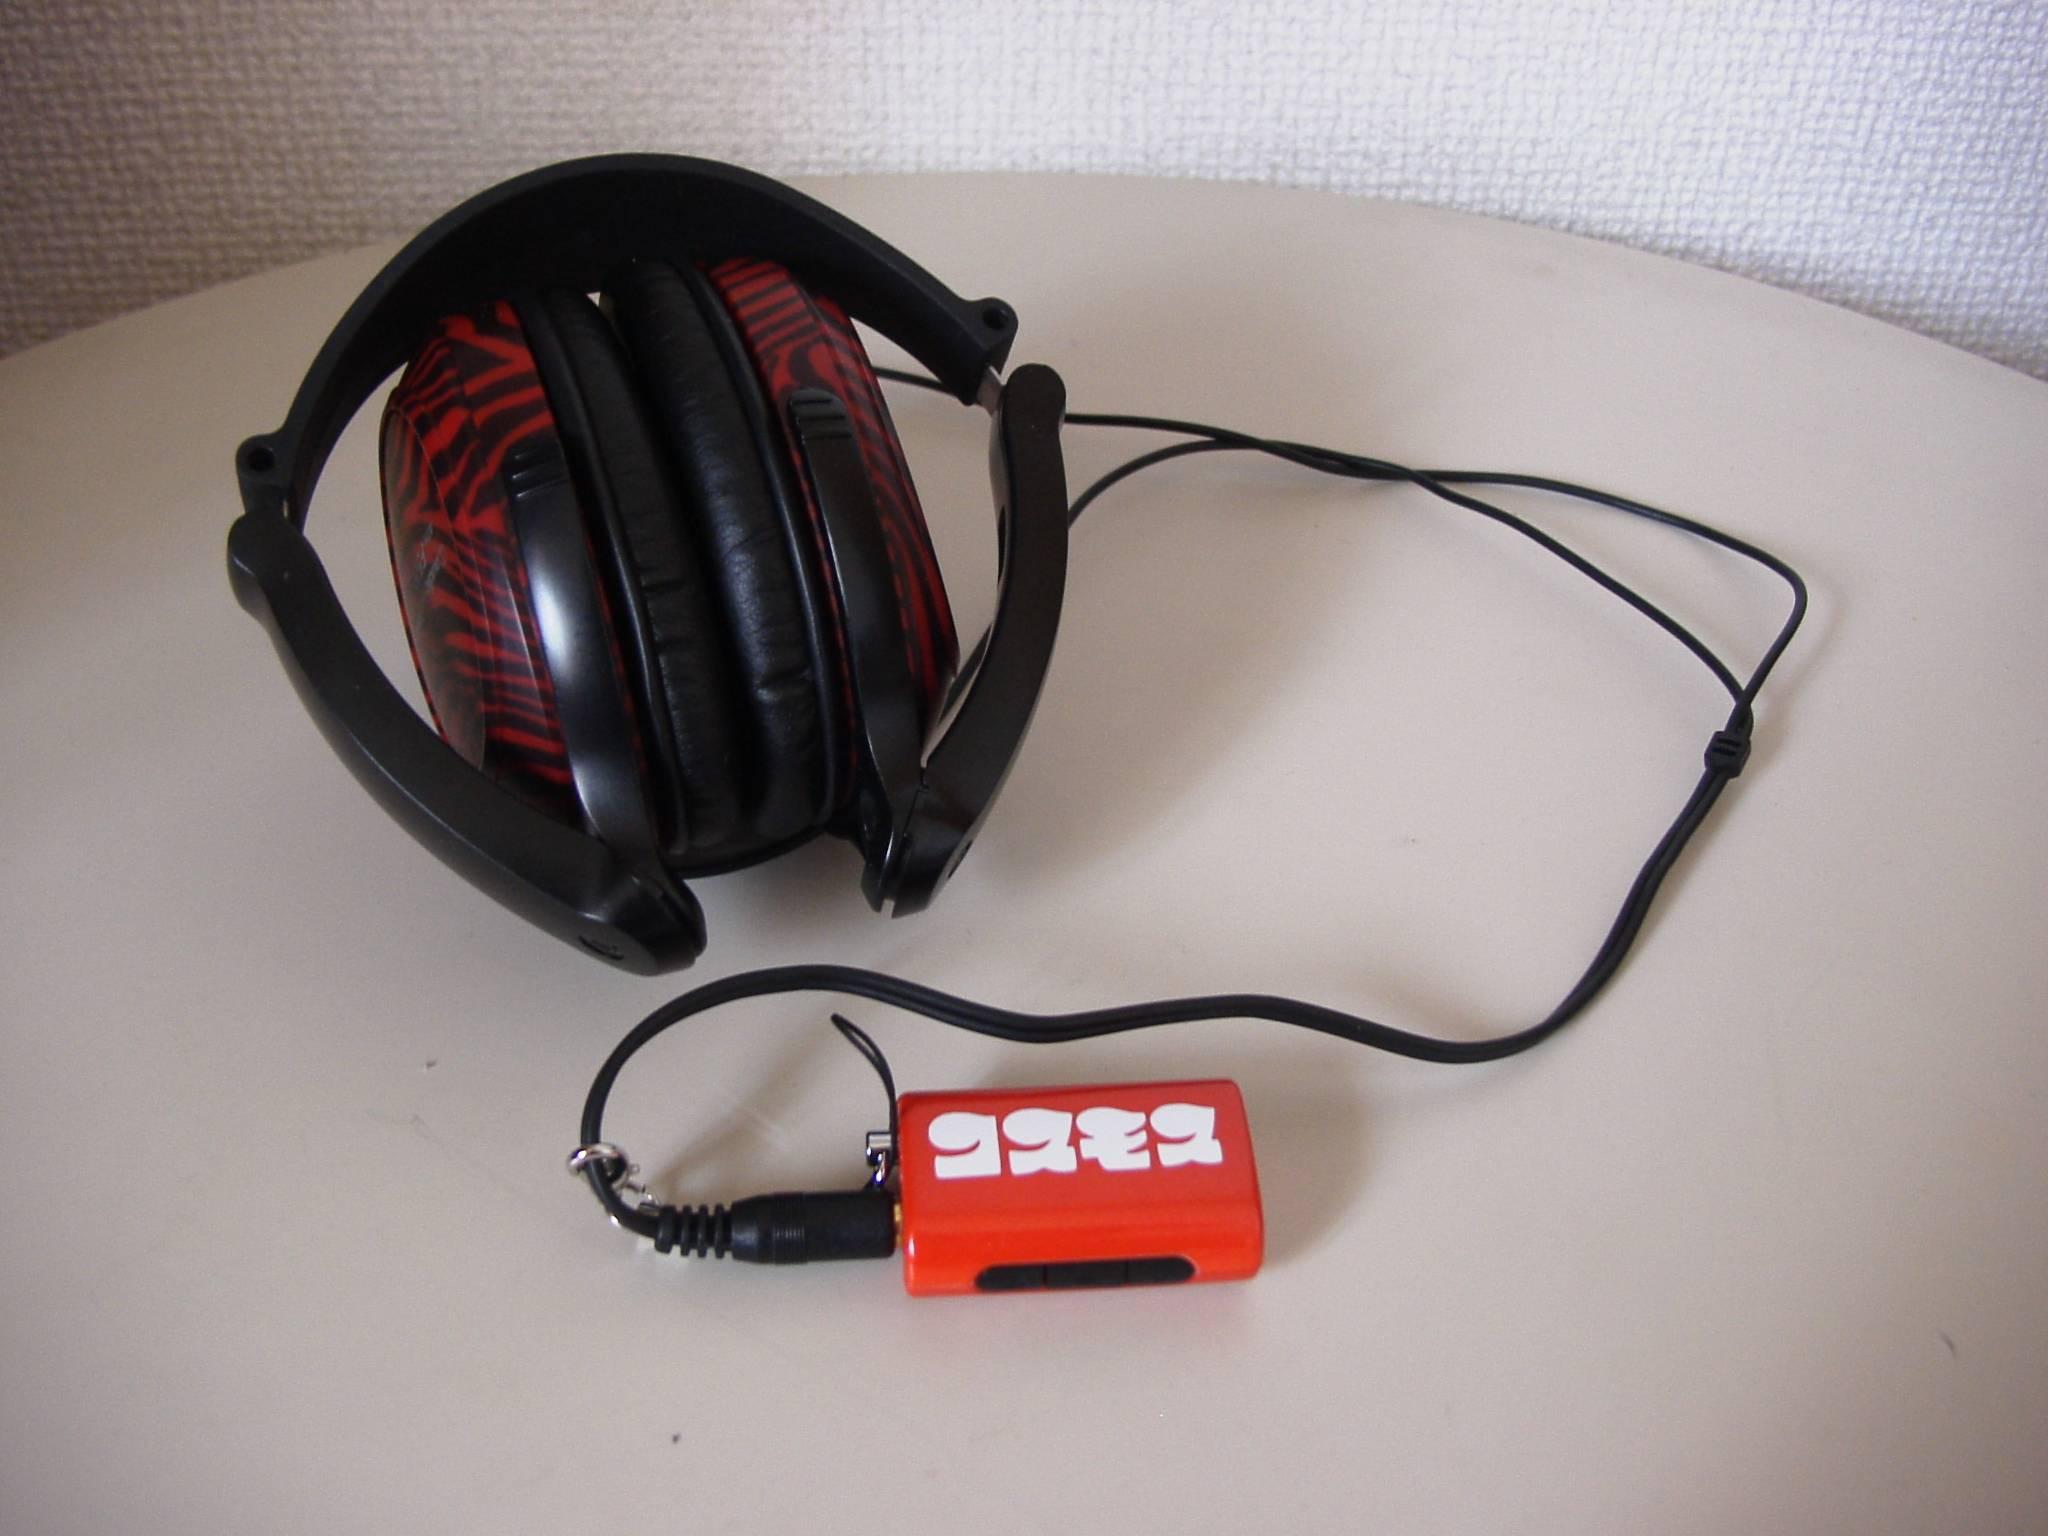 コスモス印のMP3プレイヤー。_c0004568_13251240.jpg